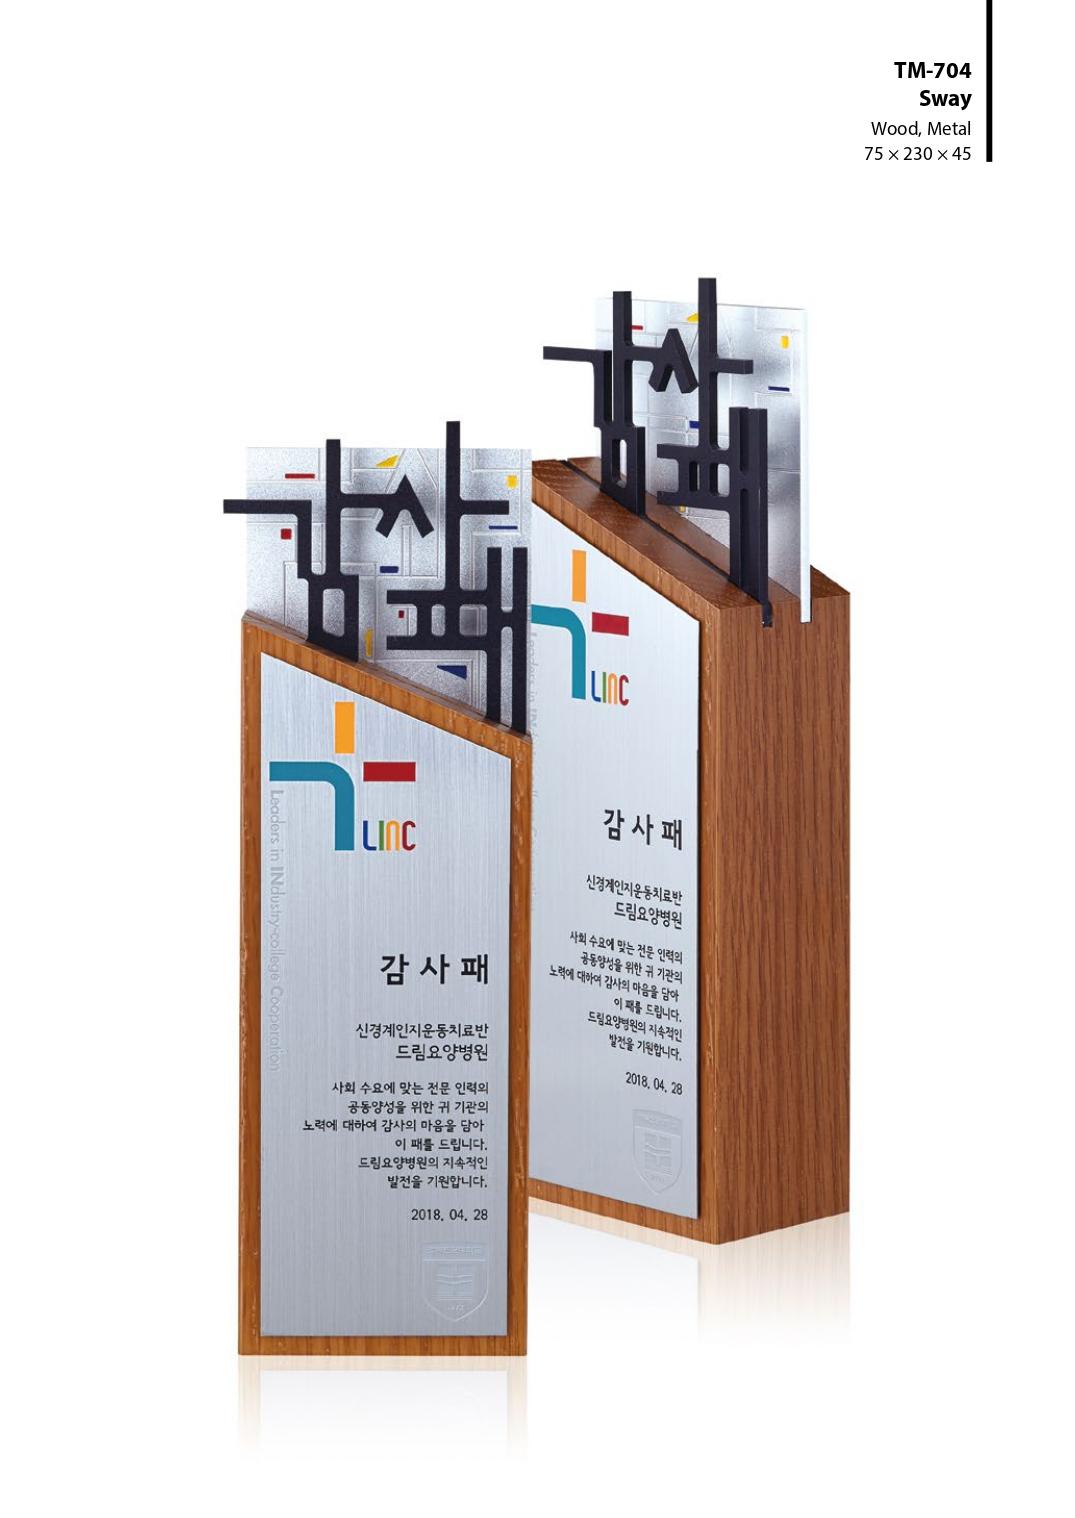 KLPK42002 감사패 기념패 디자인 상패 상패 트로피 판촉물 제작 케이엘피코리아